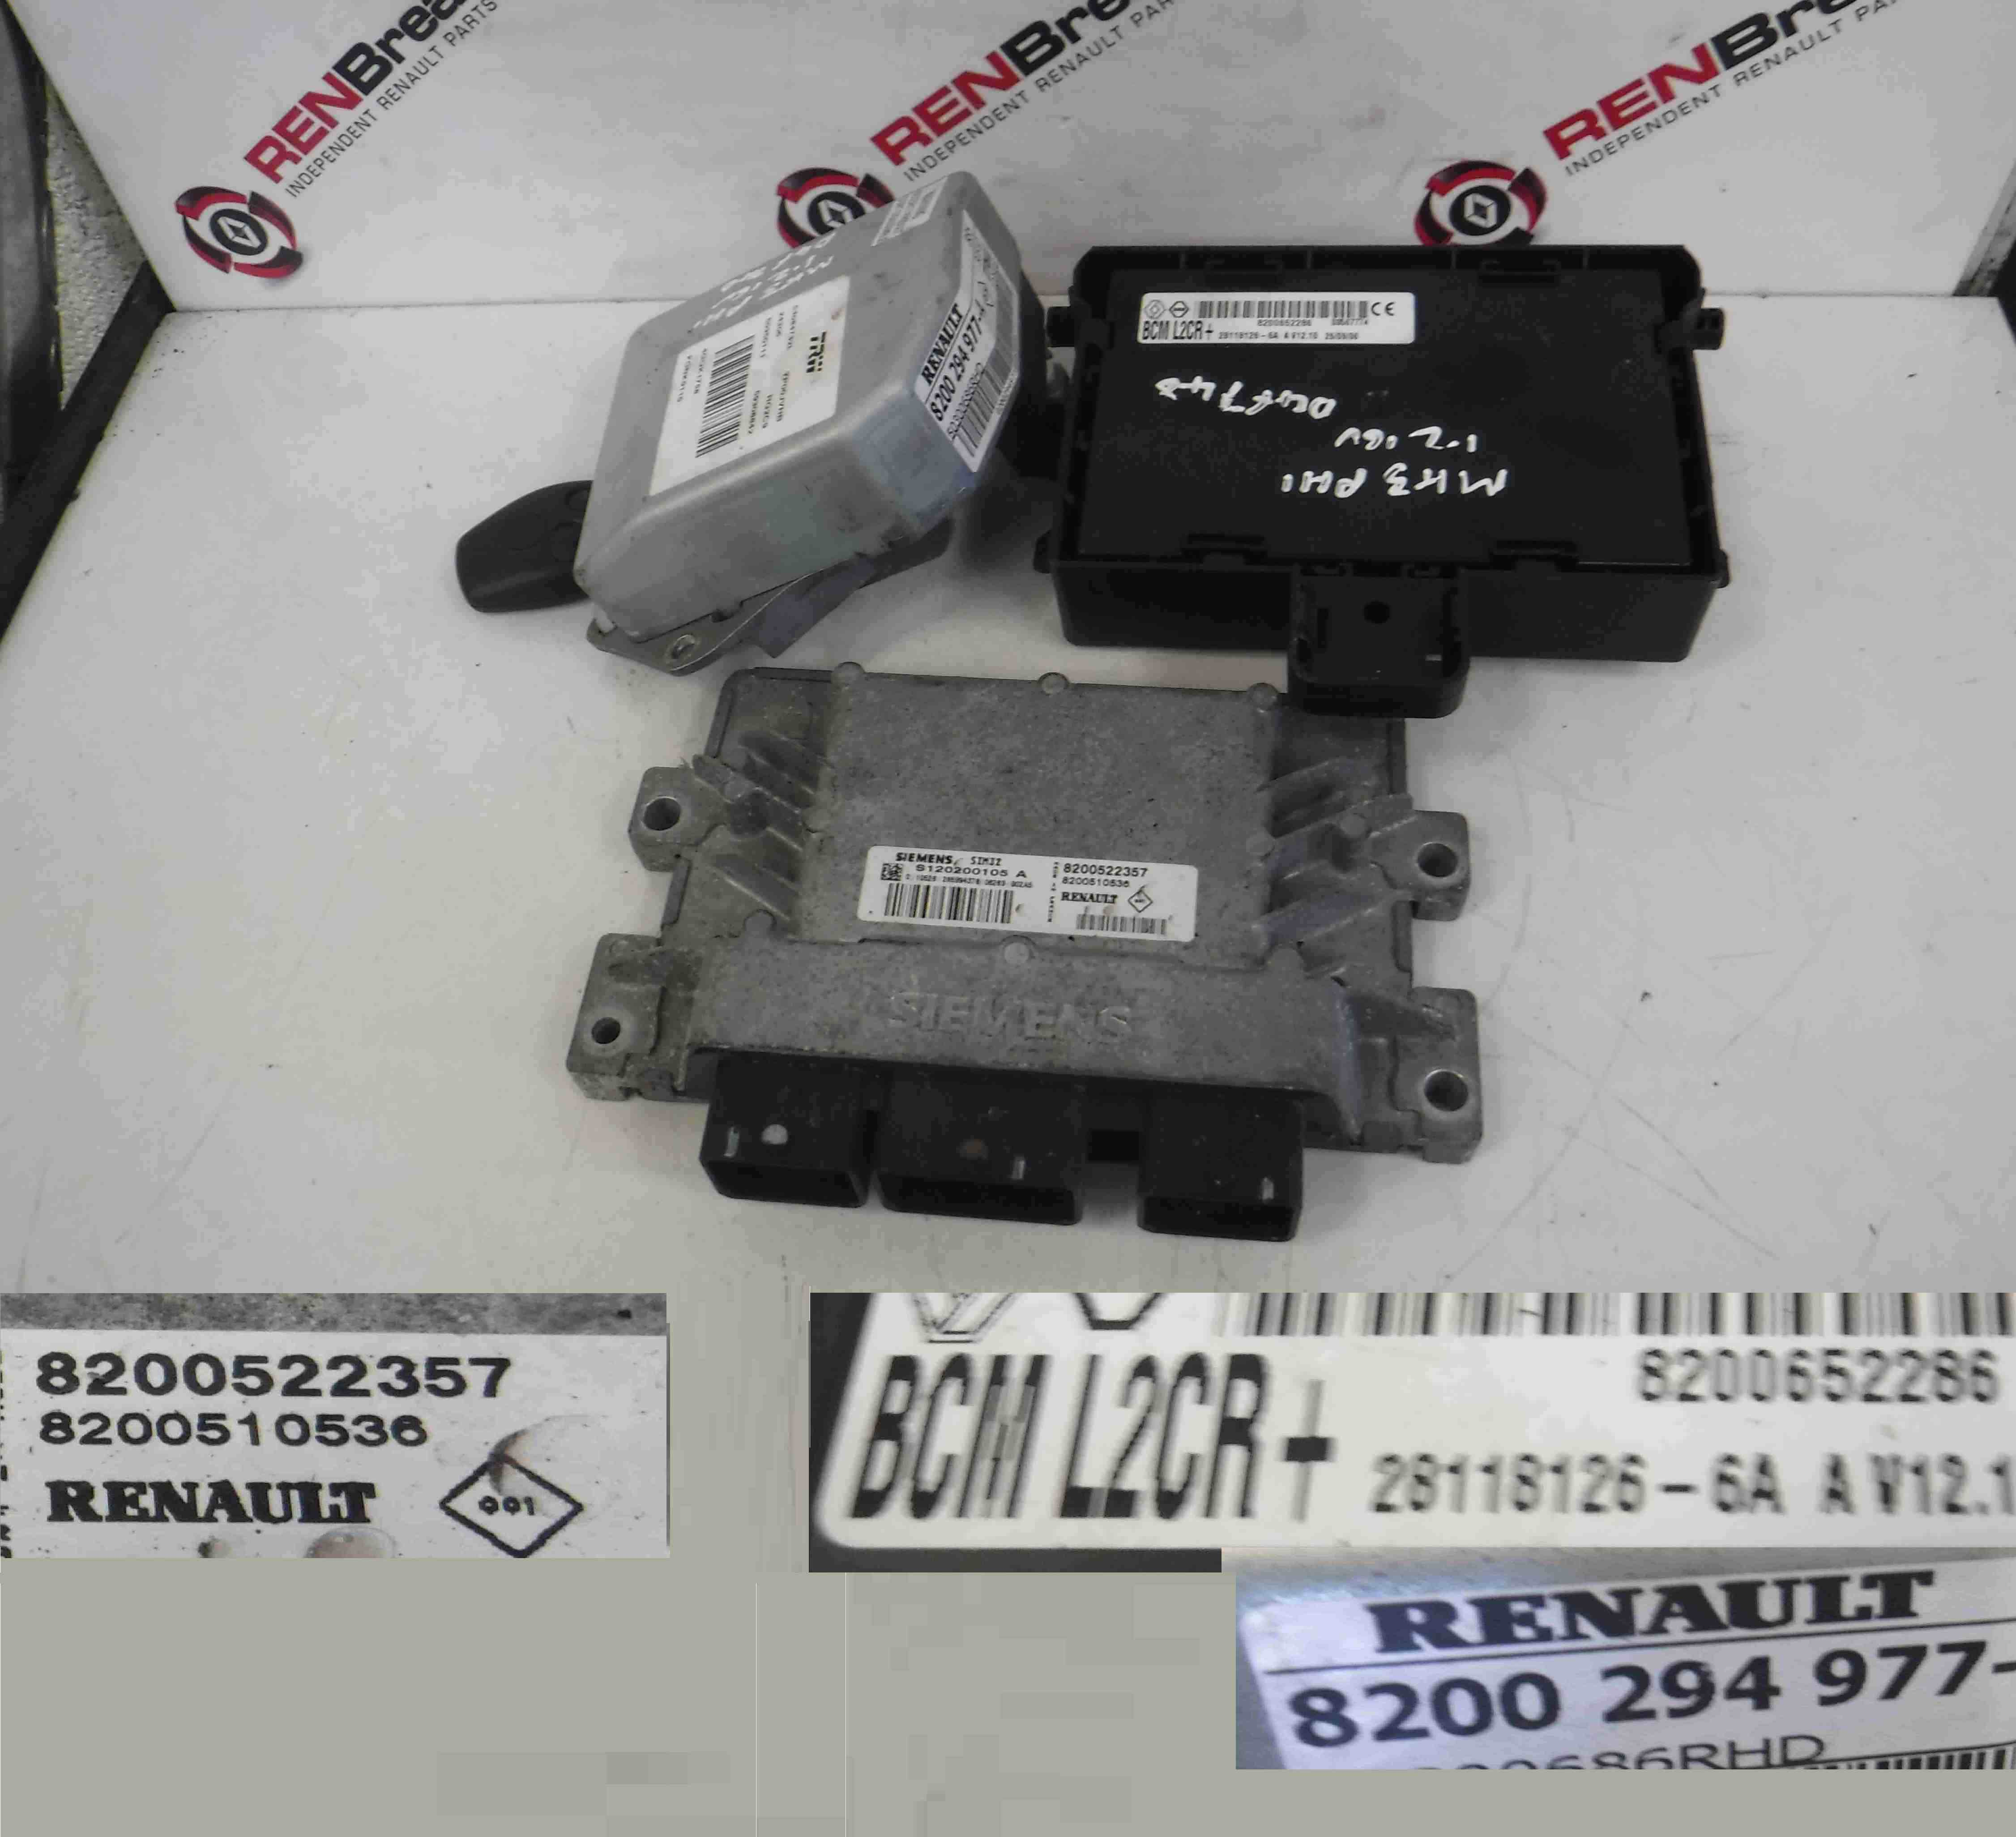 Key Fob Renault Clio MK3 2005-2009 1.4 16v ECU SET UCH BCM Steering ECU